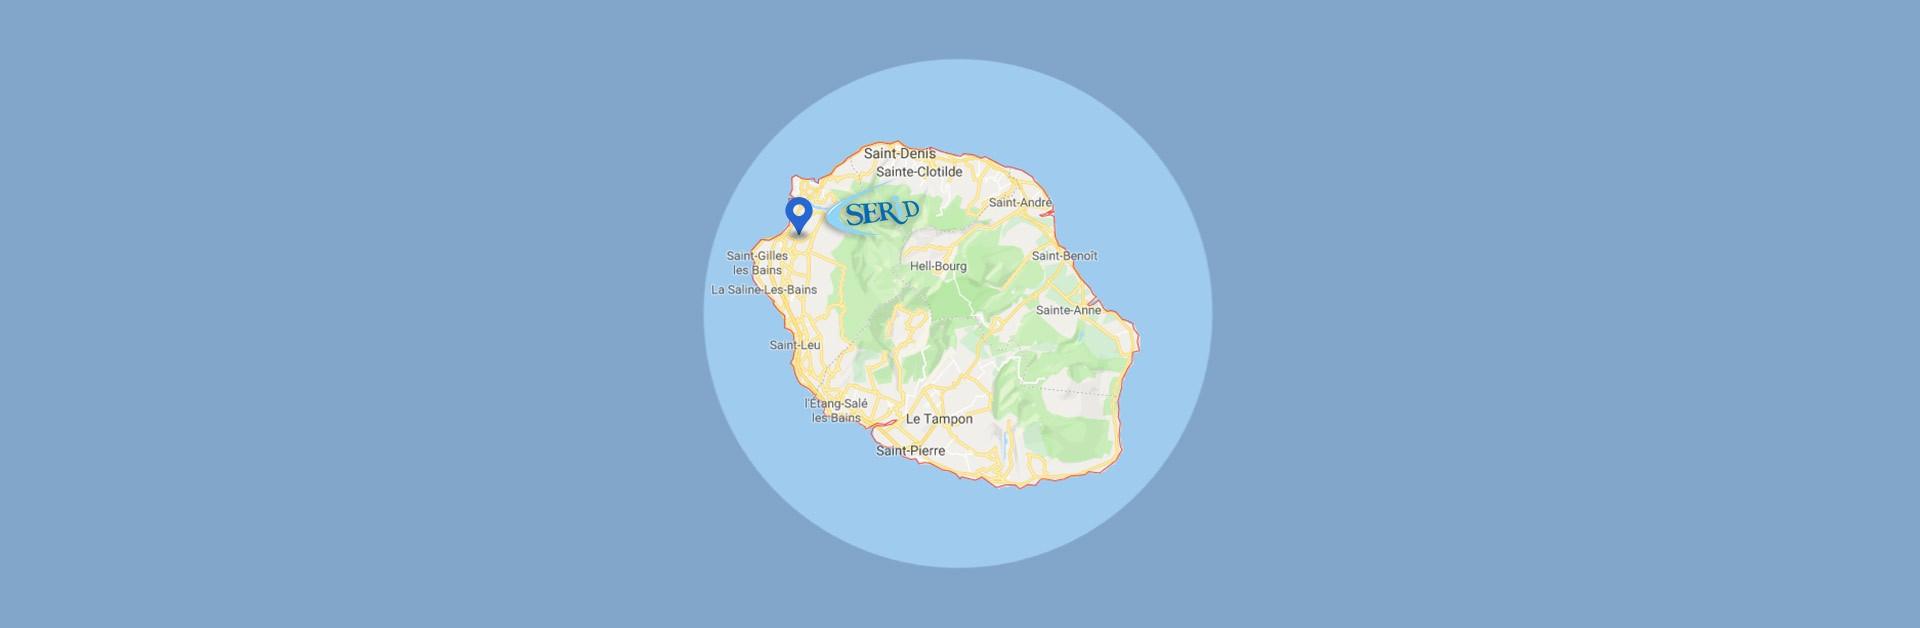 map - Accueil